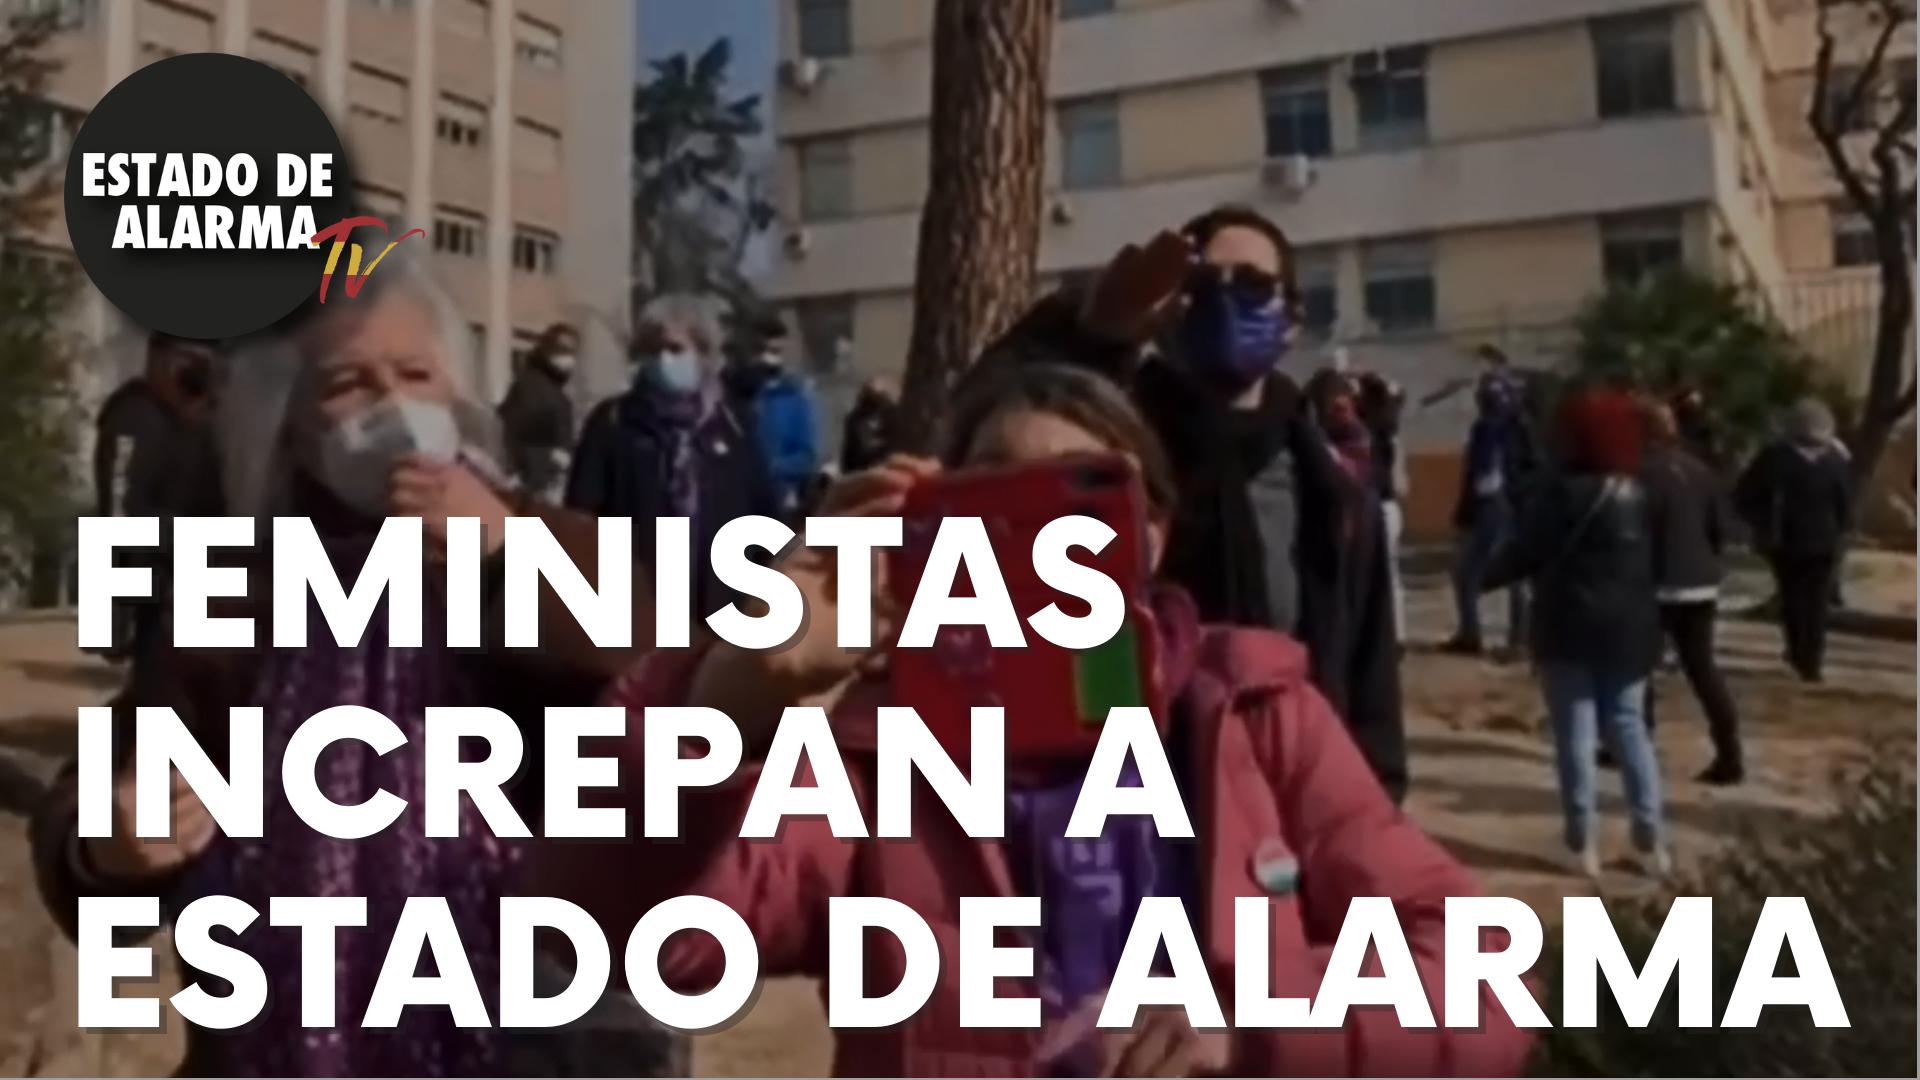 Un grupo de feministas increpan a 'Estado de Alarma' en un acto público